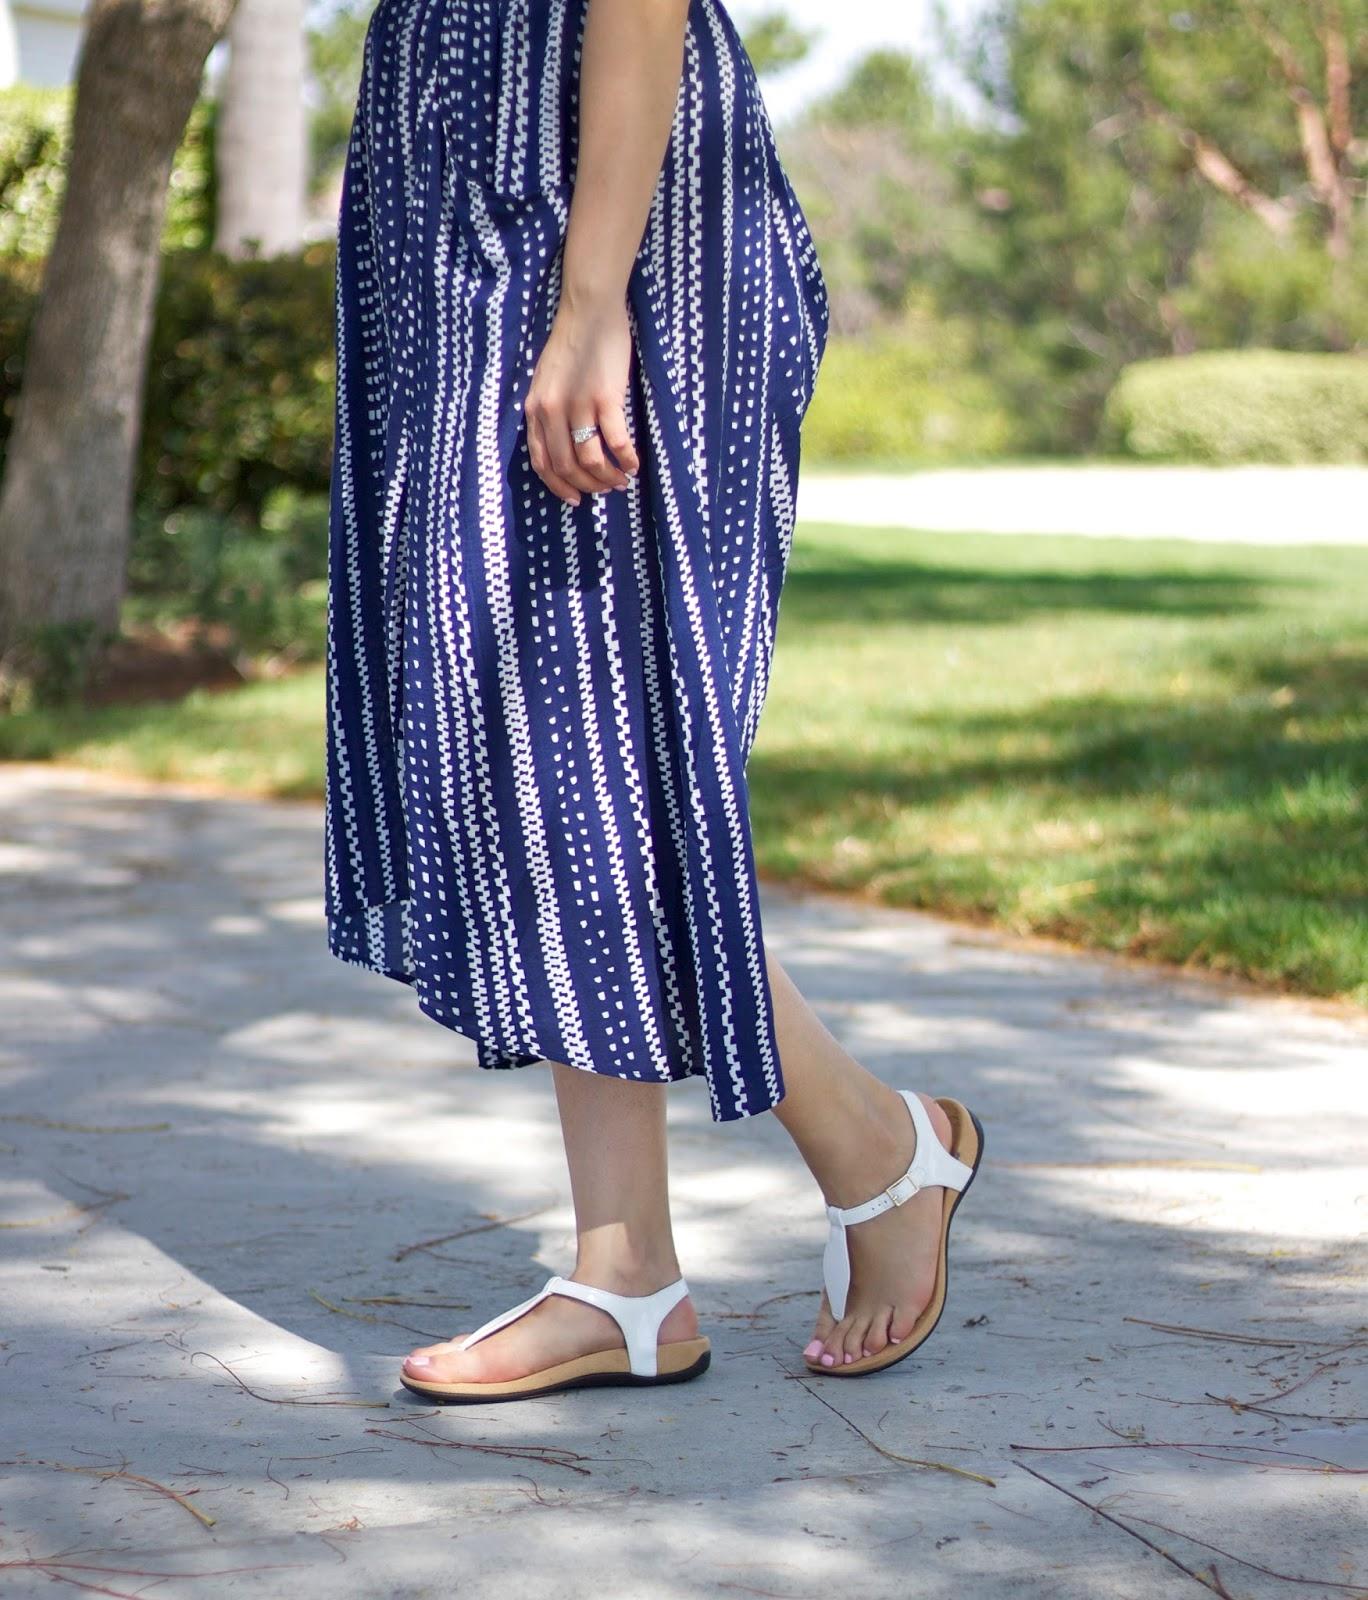 Vionic t strap sandal, vionic shoes, vionic sandals, plain white sandal, white sandals outfit